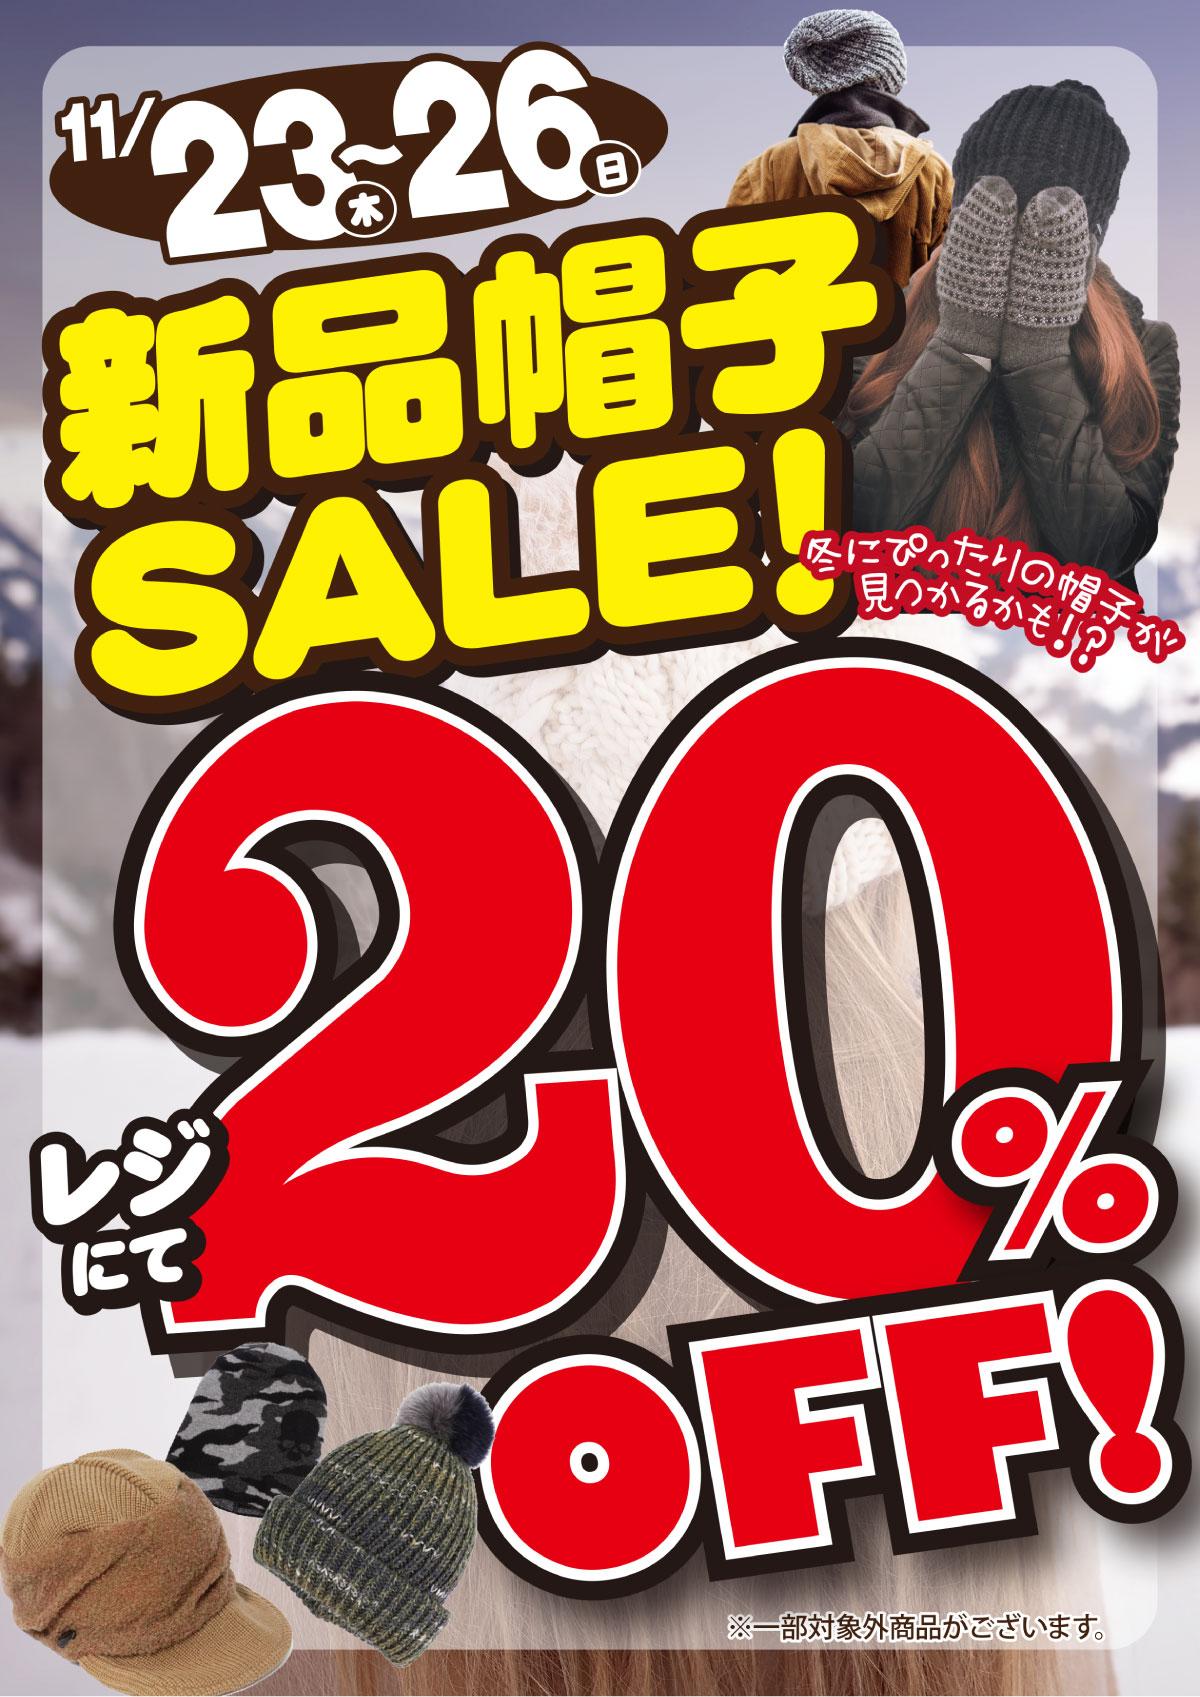 「開放倉庫山城店」古着館<新品帽子SALE!レジにて20%OFF>冬にぴったりの帽子が見つかるかも!?11/23(木)~26(日)開催!